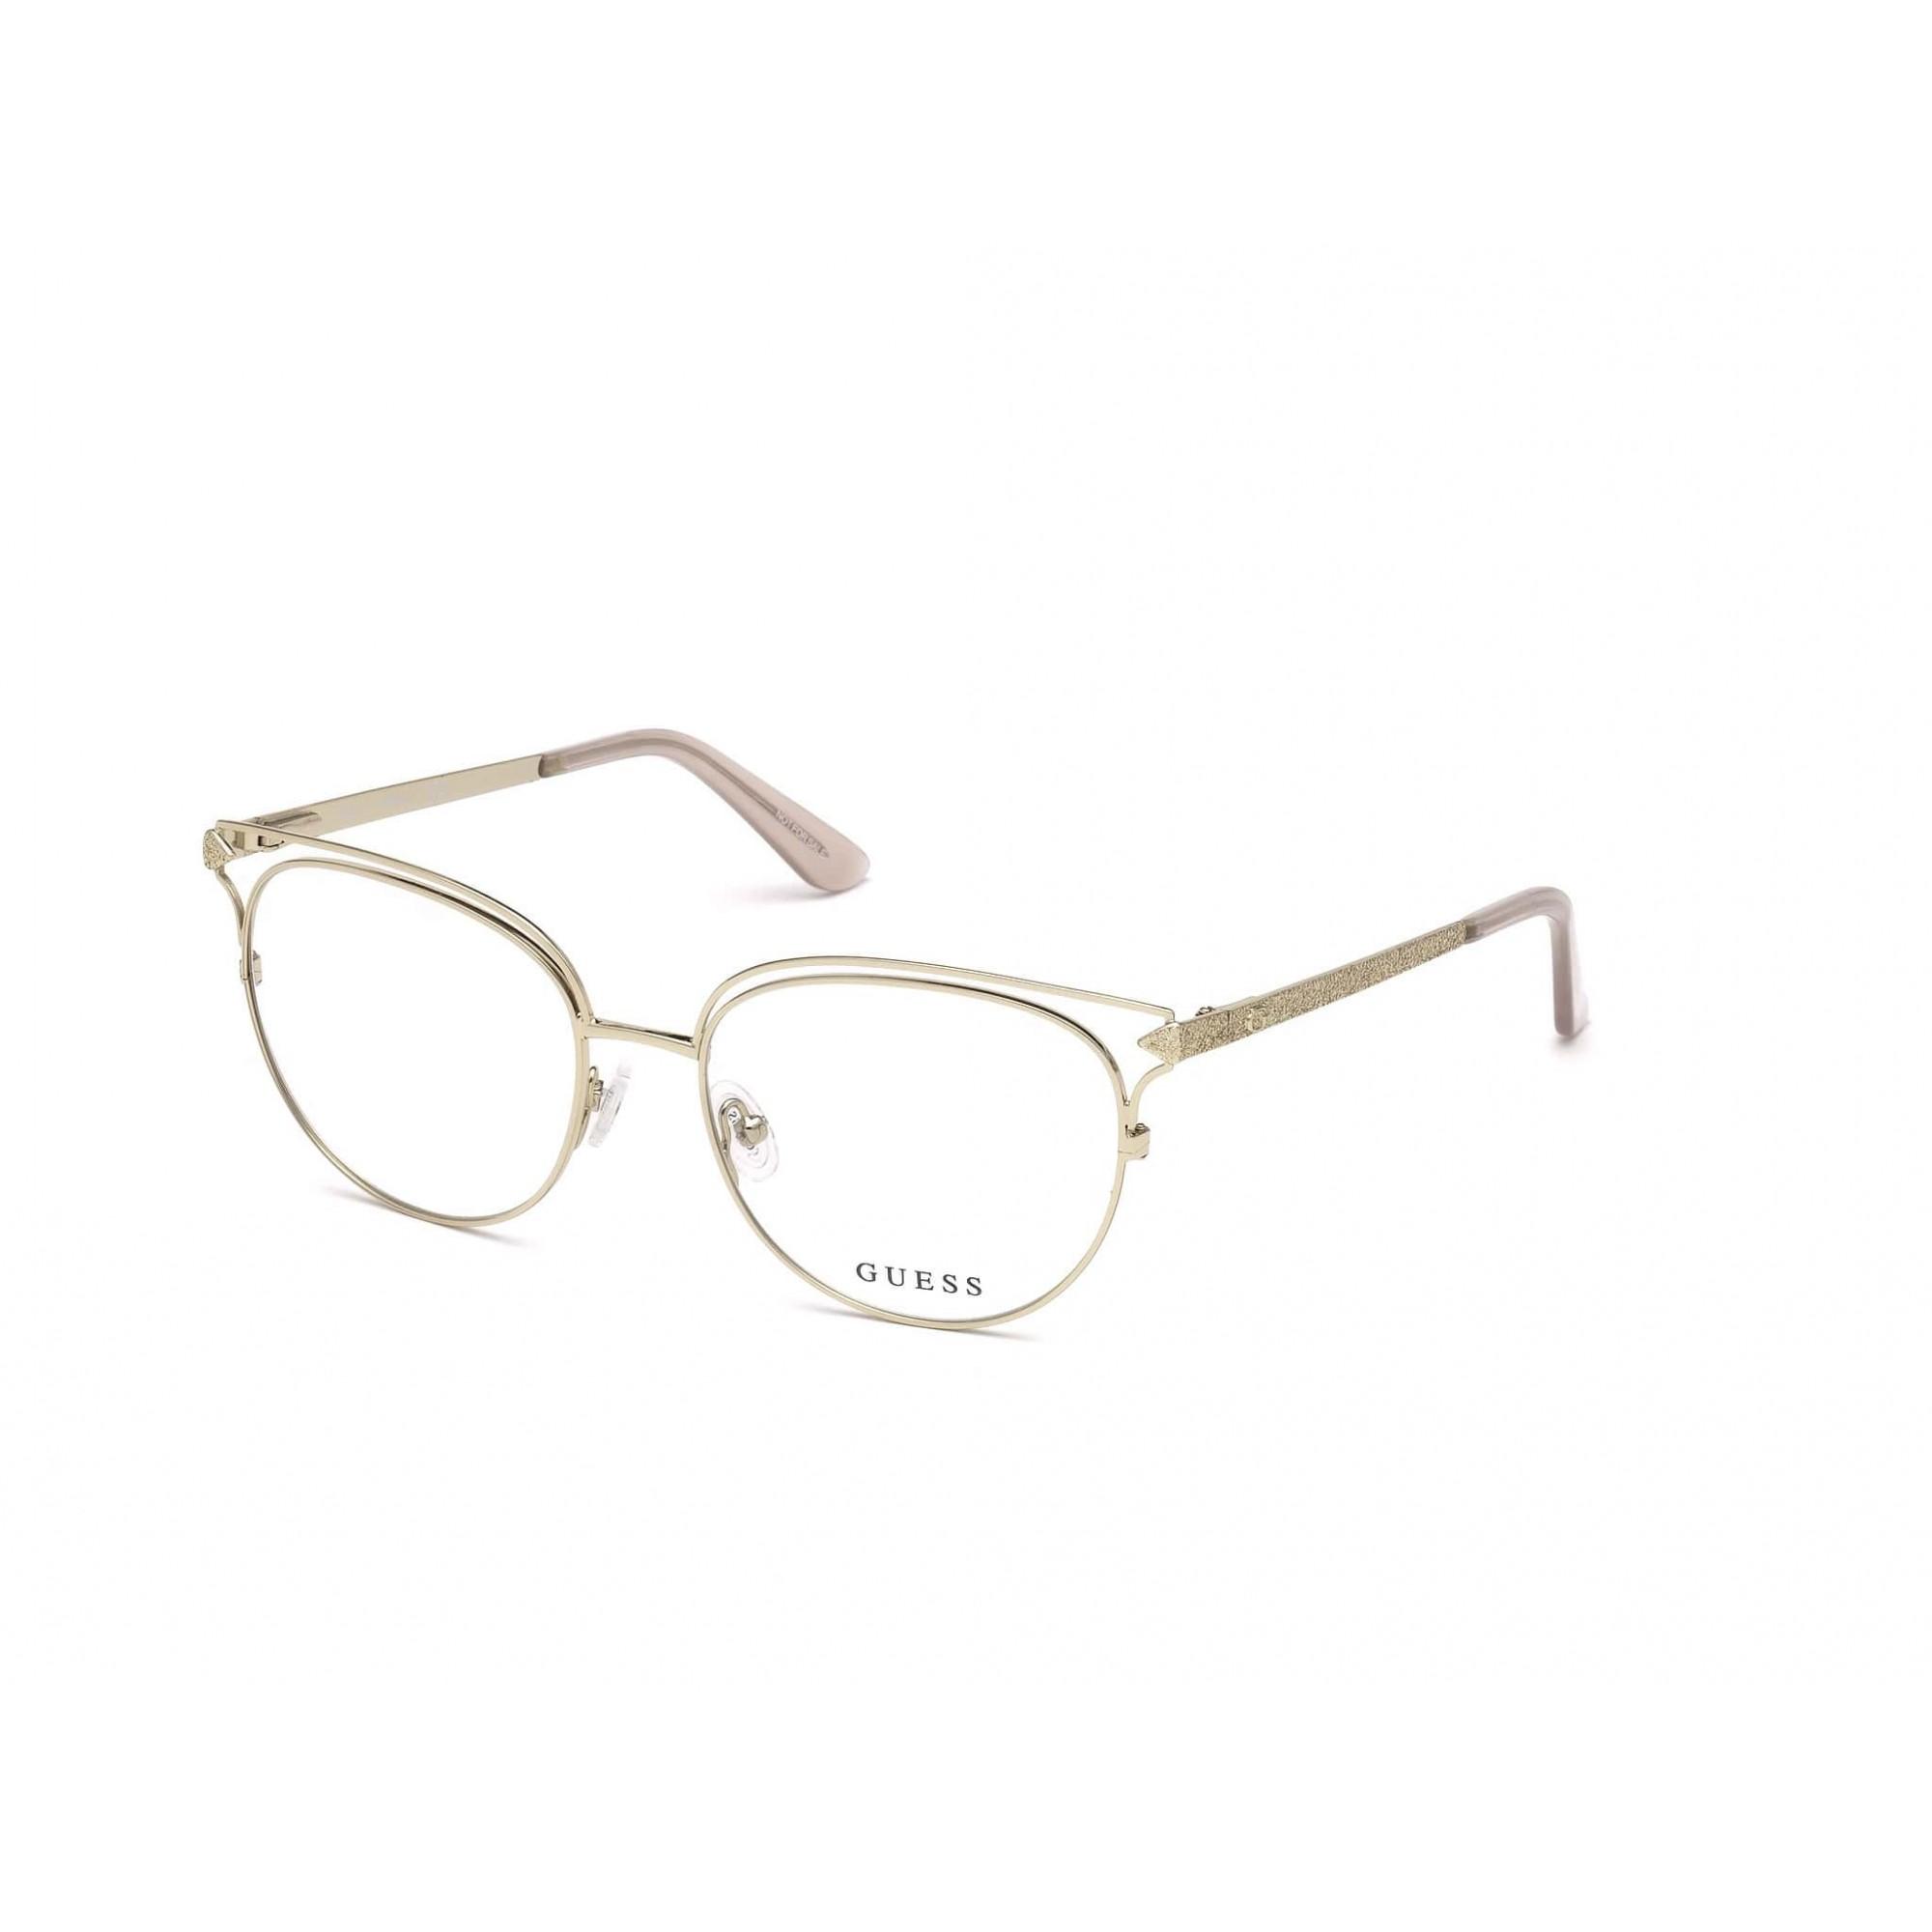 Guess - GU2686 032 53 - Óculos de grau